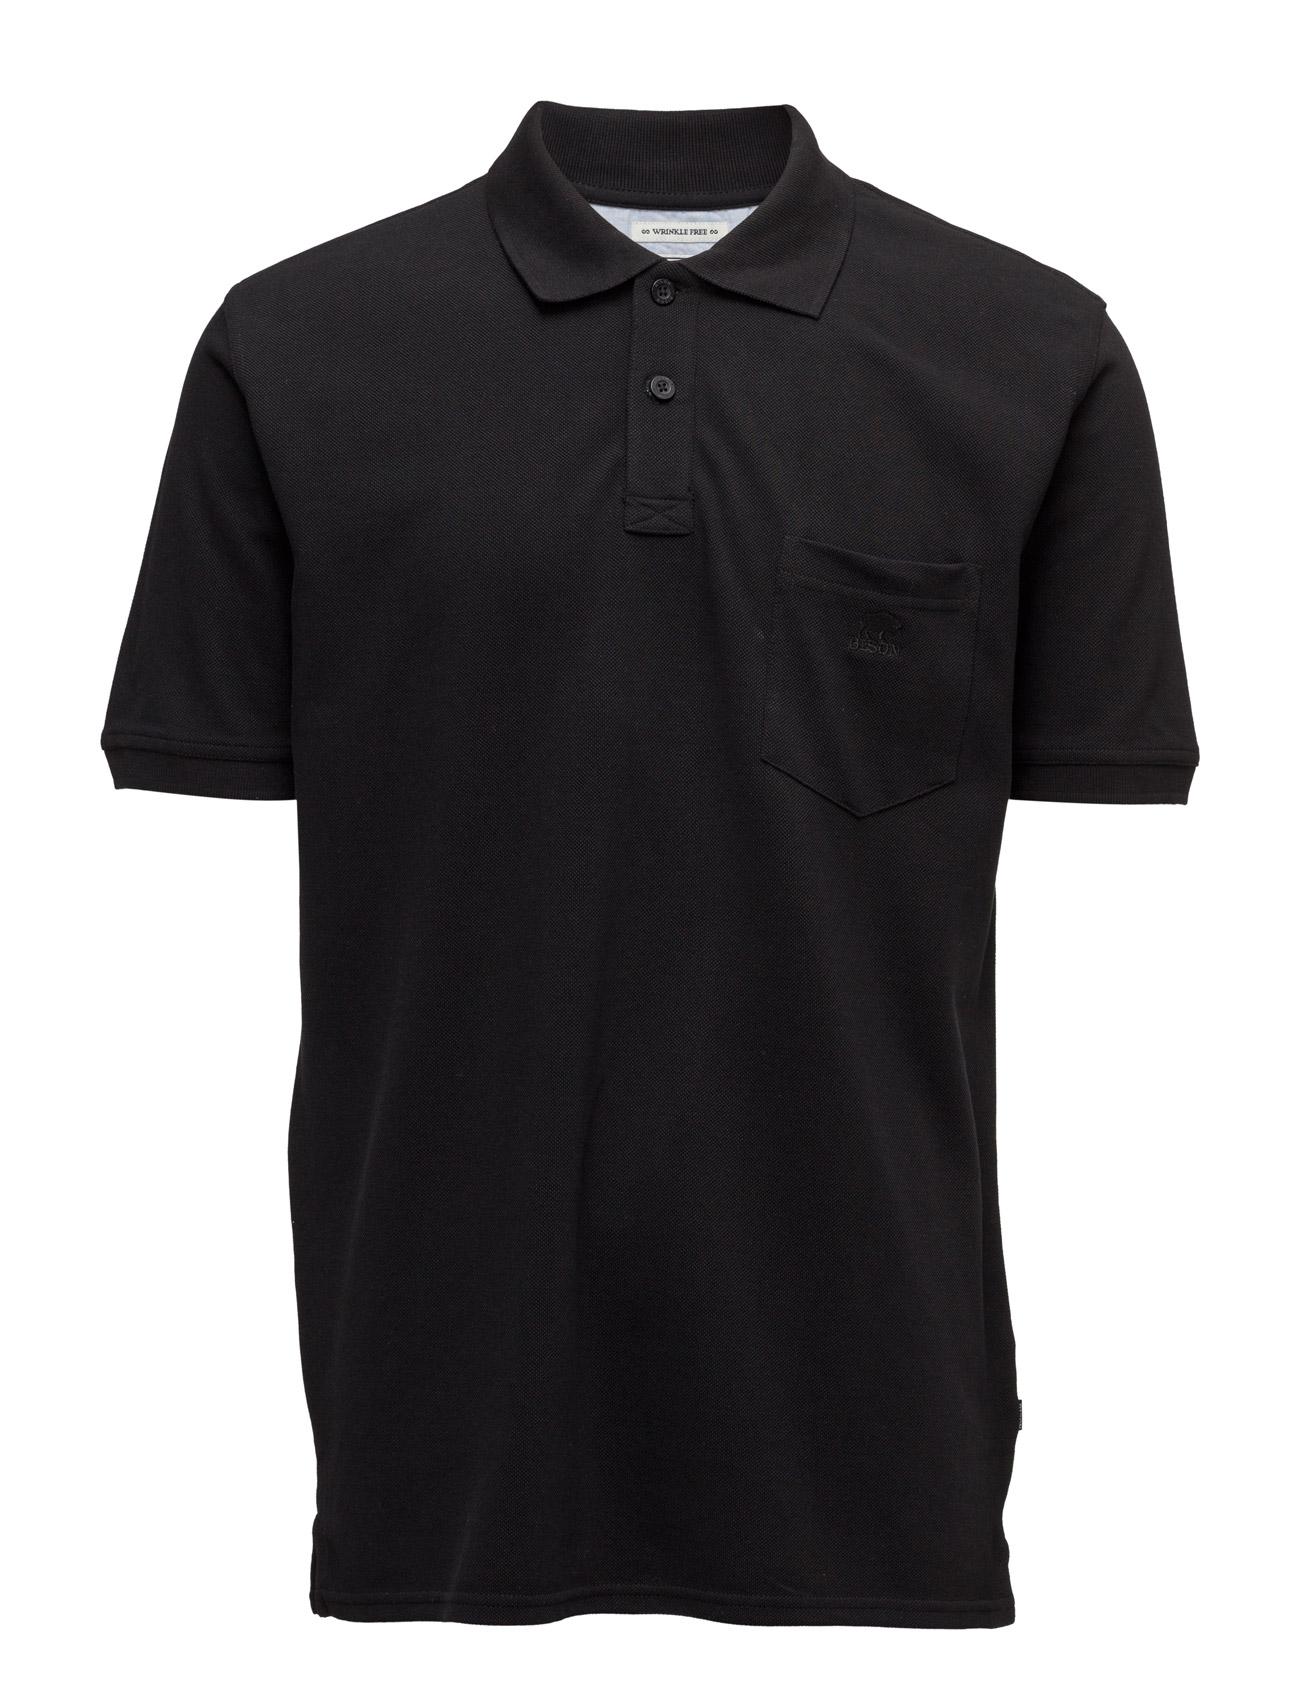 Basicpolopiqué Bison Kortærmede polo t-shirts til Herrer i Sort